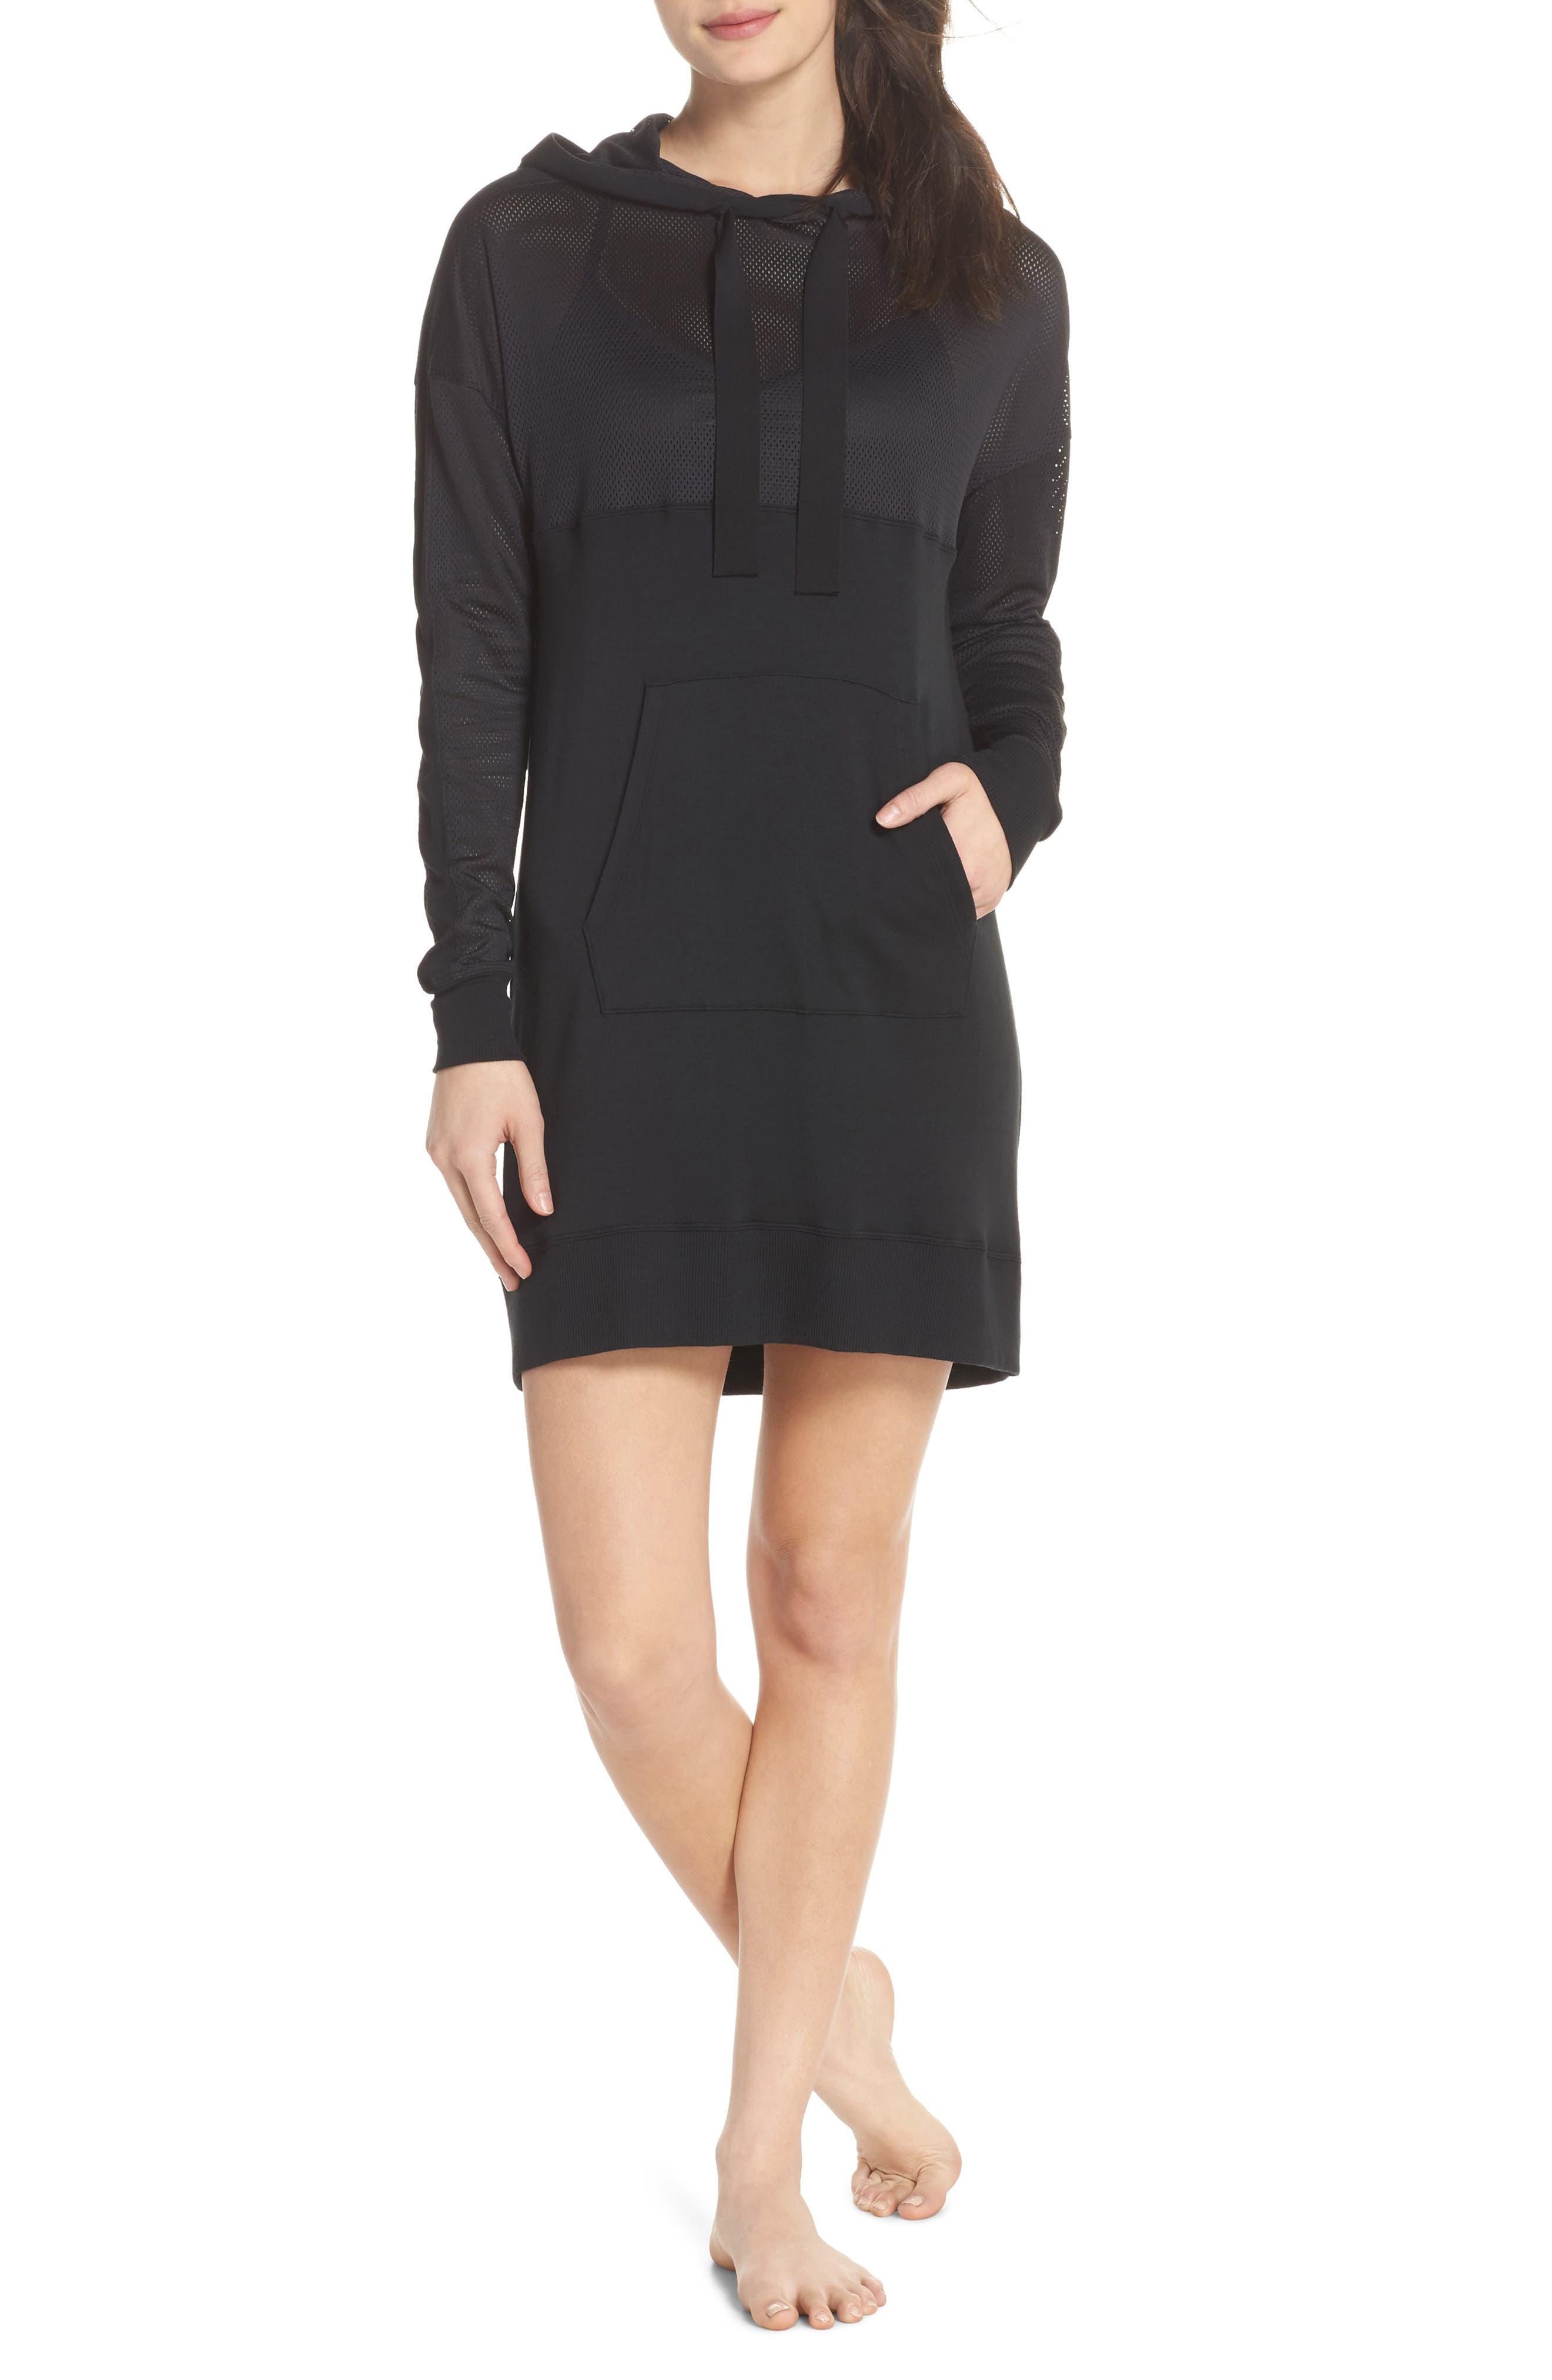 Range Dress,                             Main thumbnail 1, color,                             Black